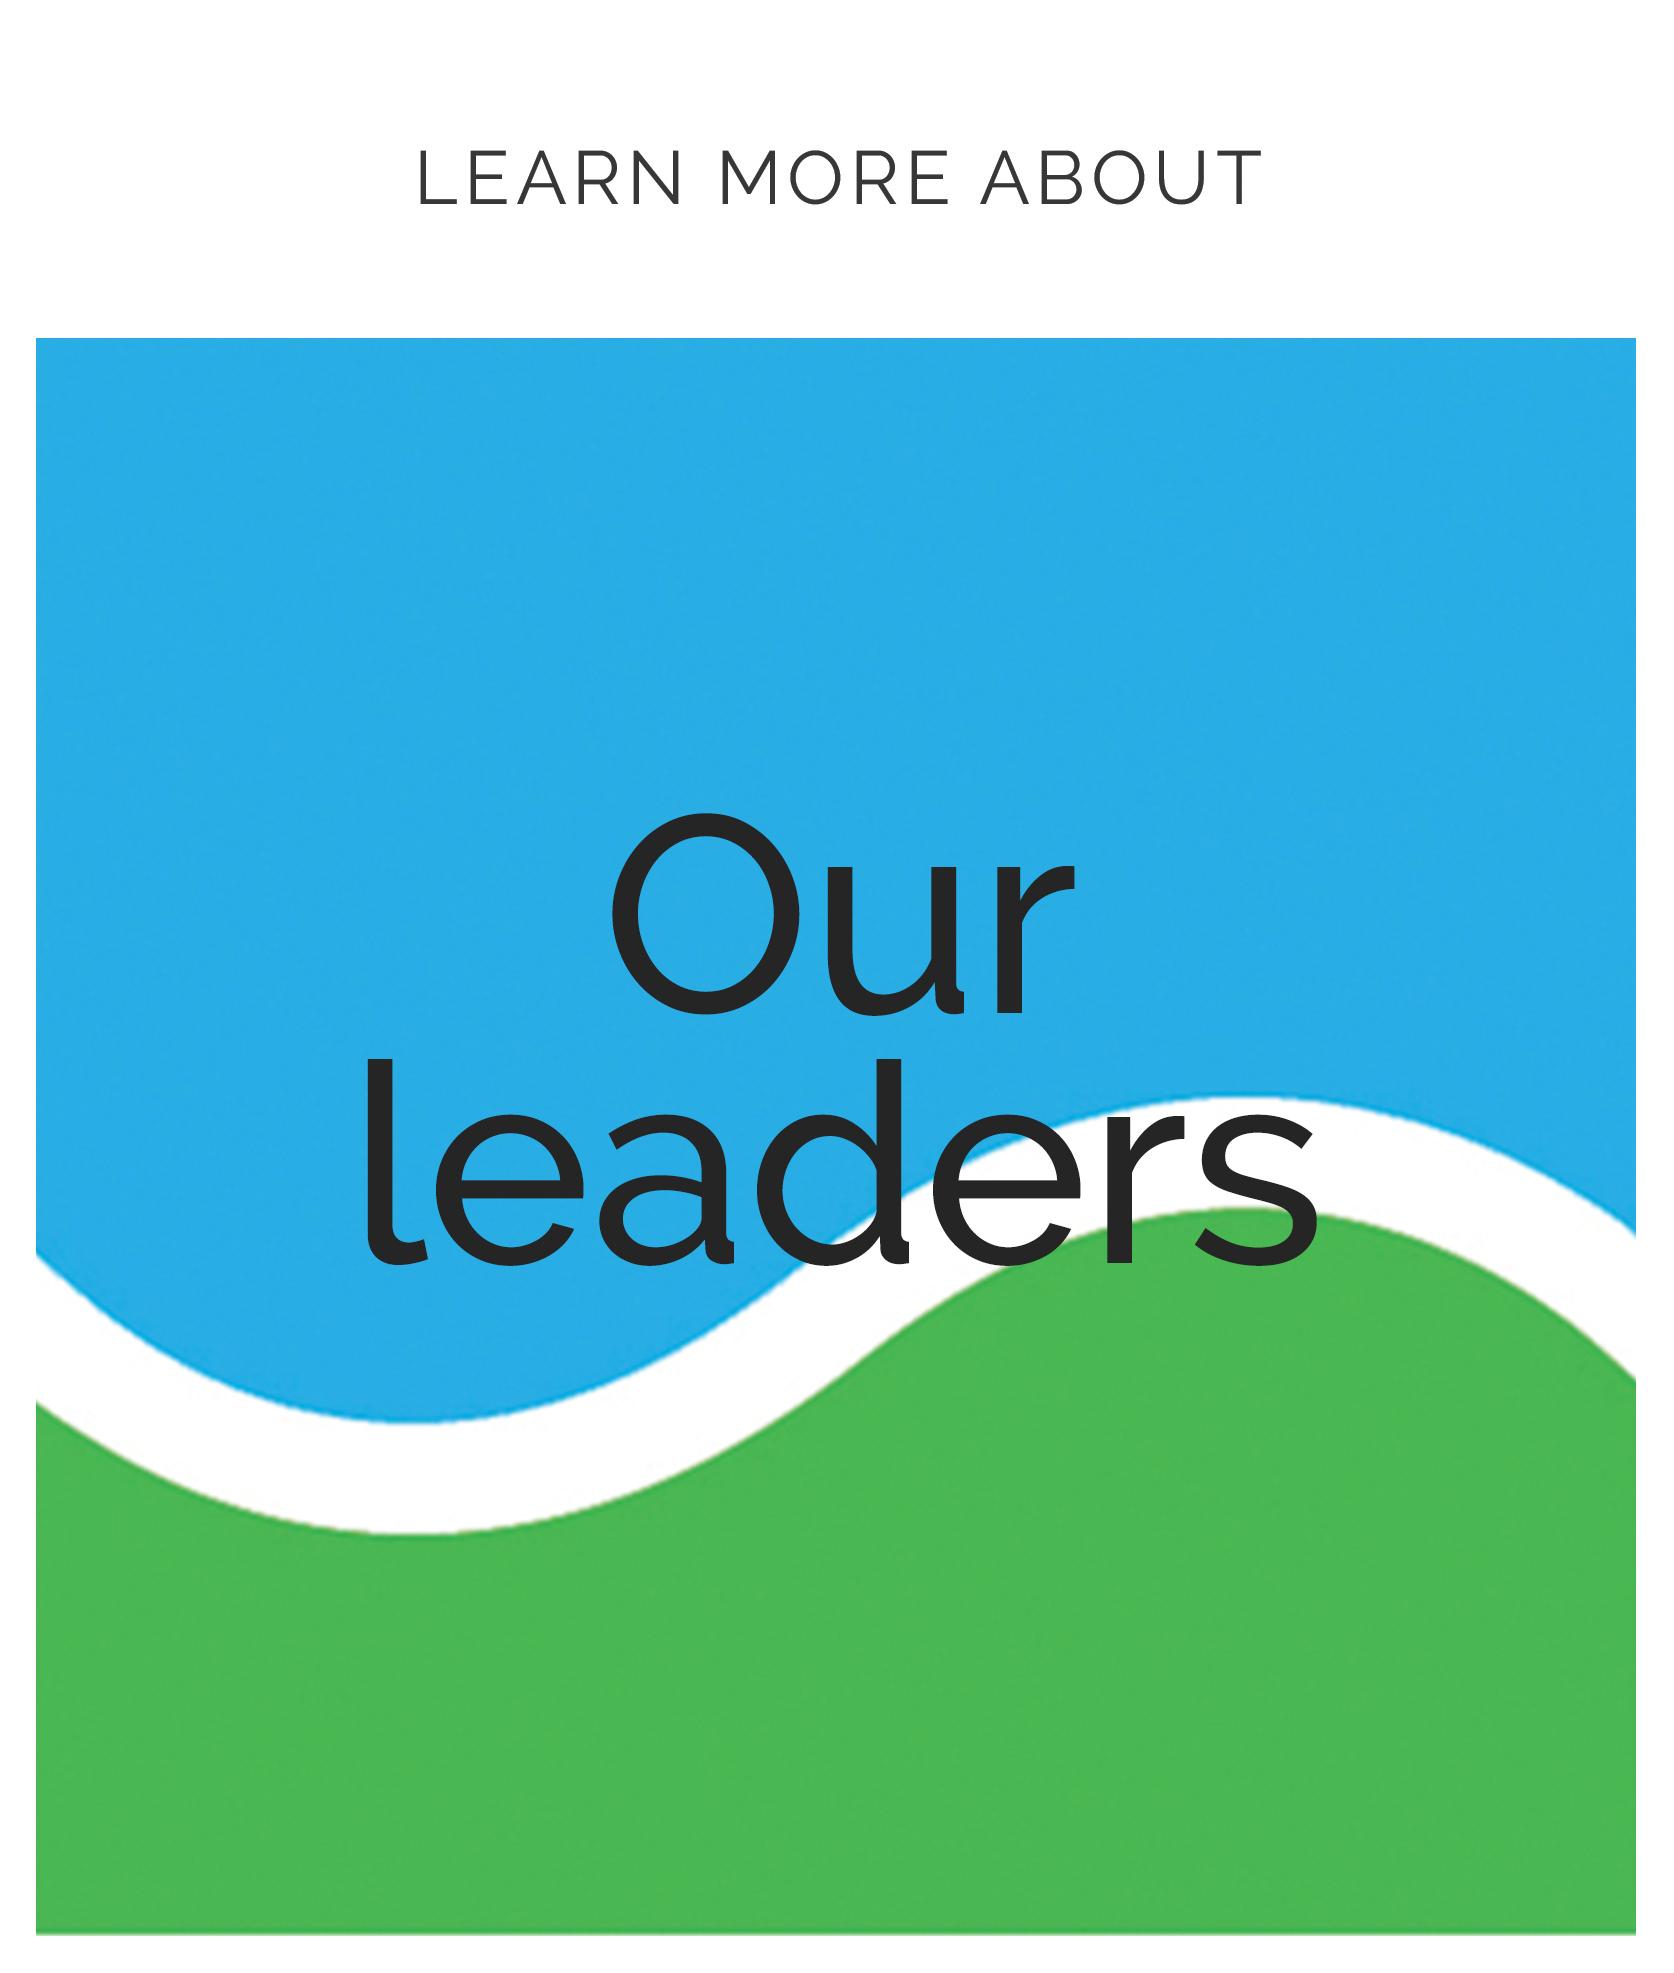 LearnMore_leaders.jpg